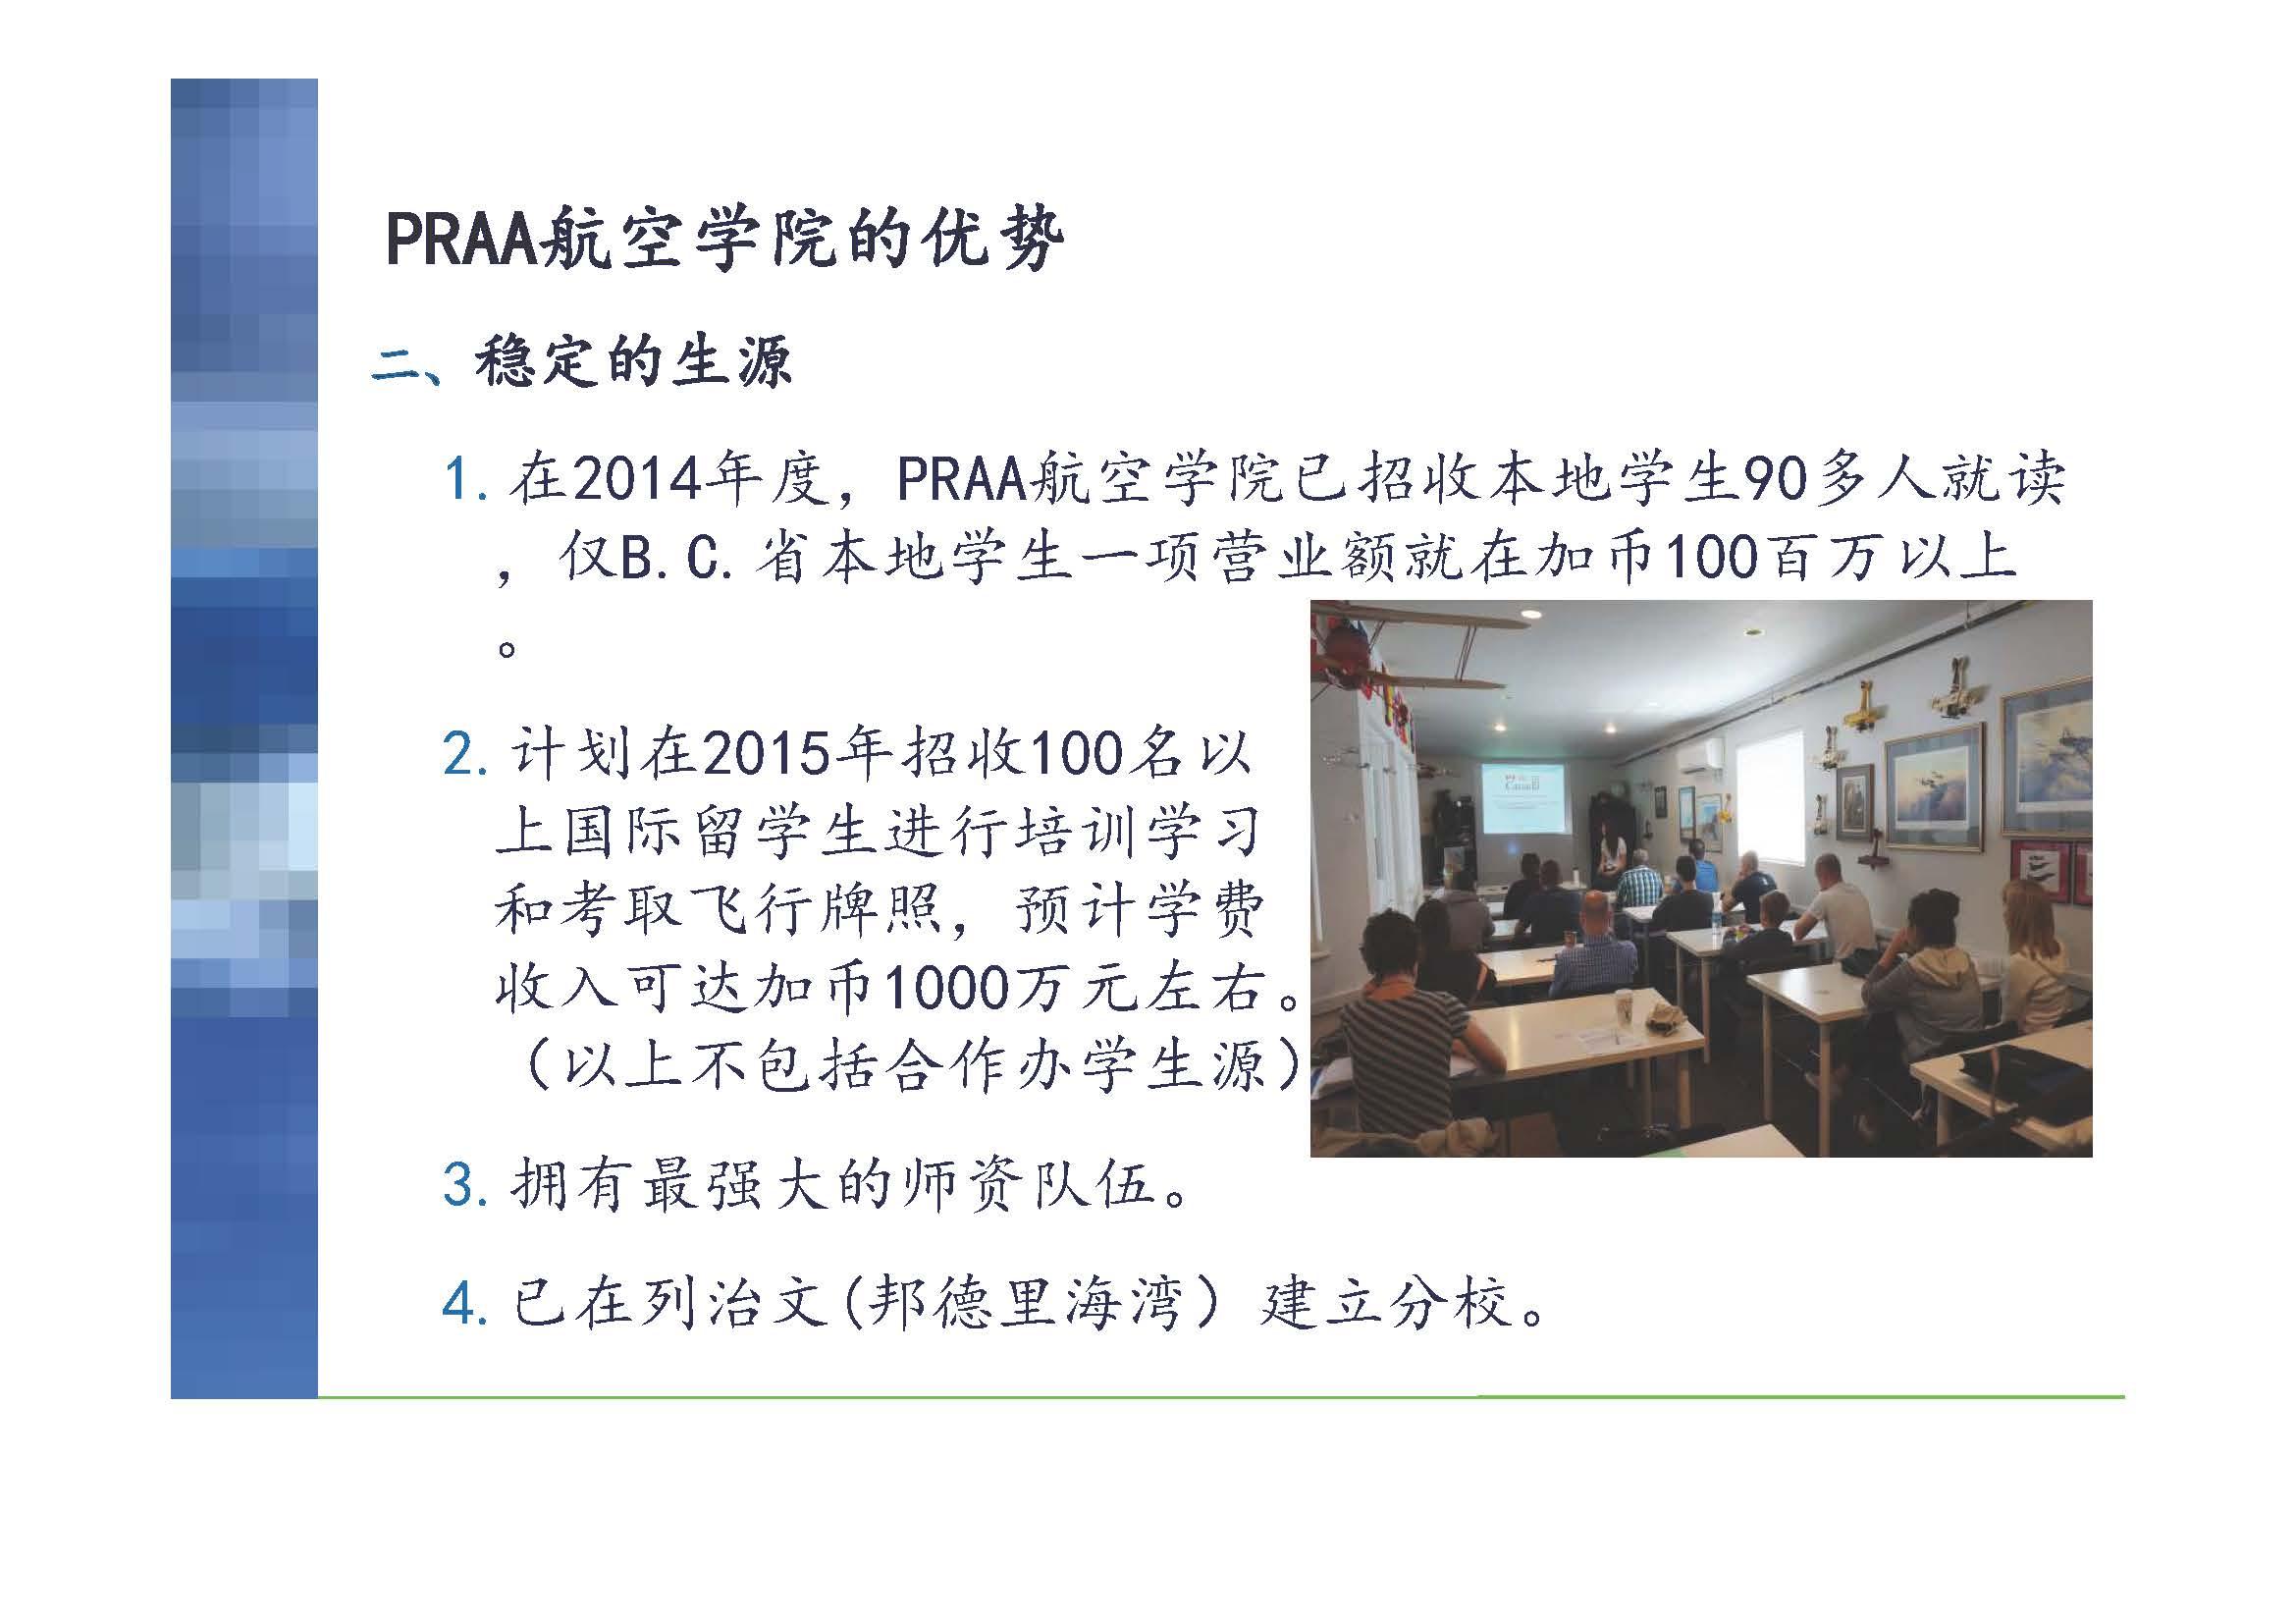 pnpjpg page 09